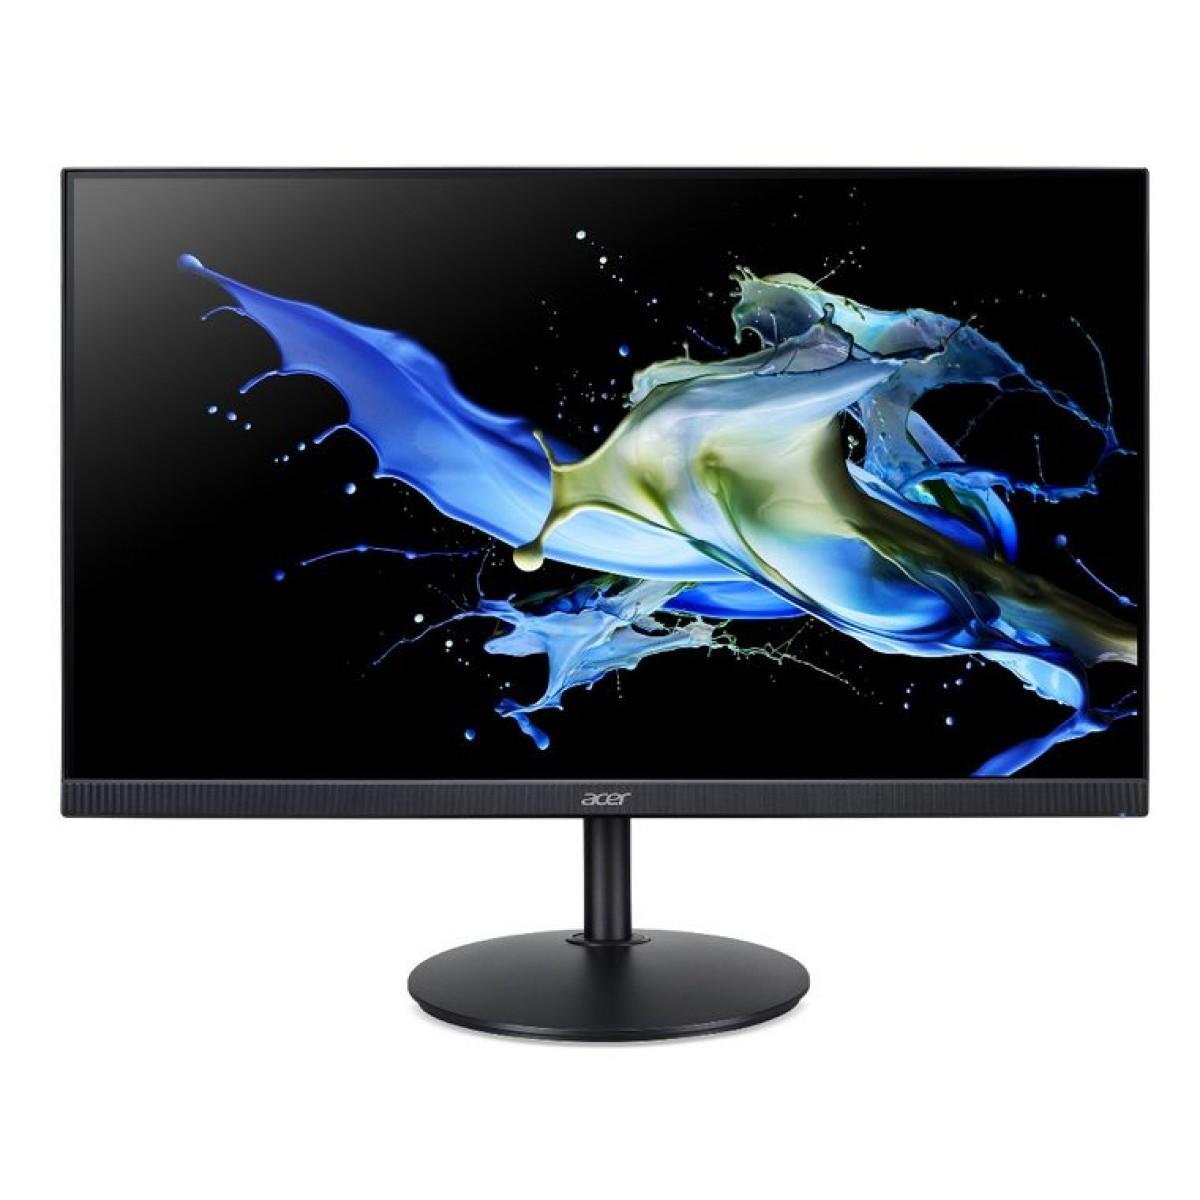 Monitor Gamer Acer, CB242Y BMIPRX,  24 Pol, Full HD, 1 ms, HDMI, VGA, DP, CB242Y